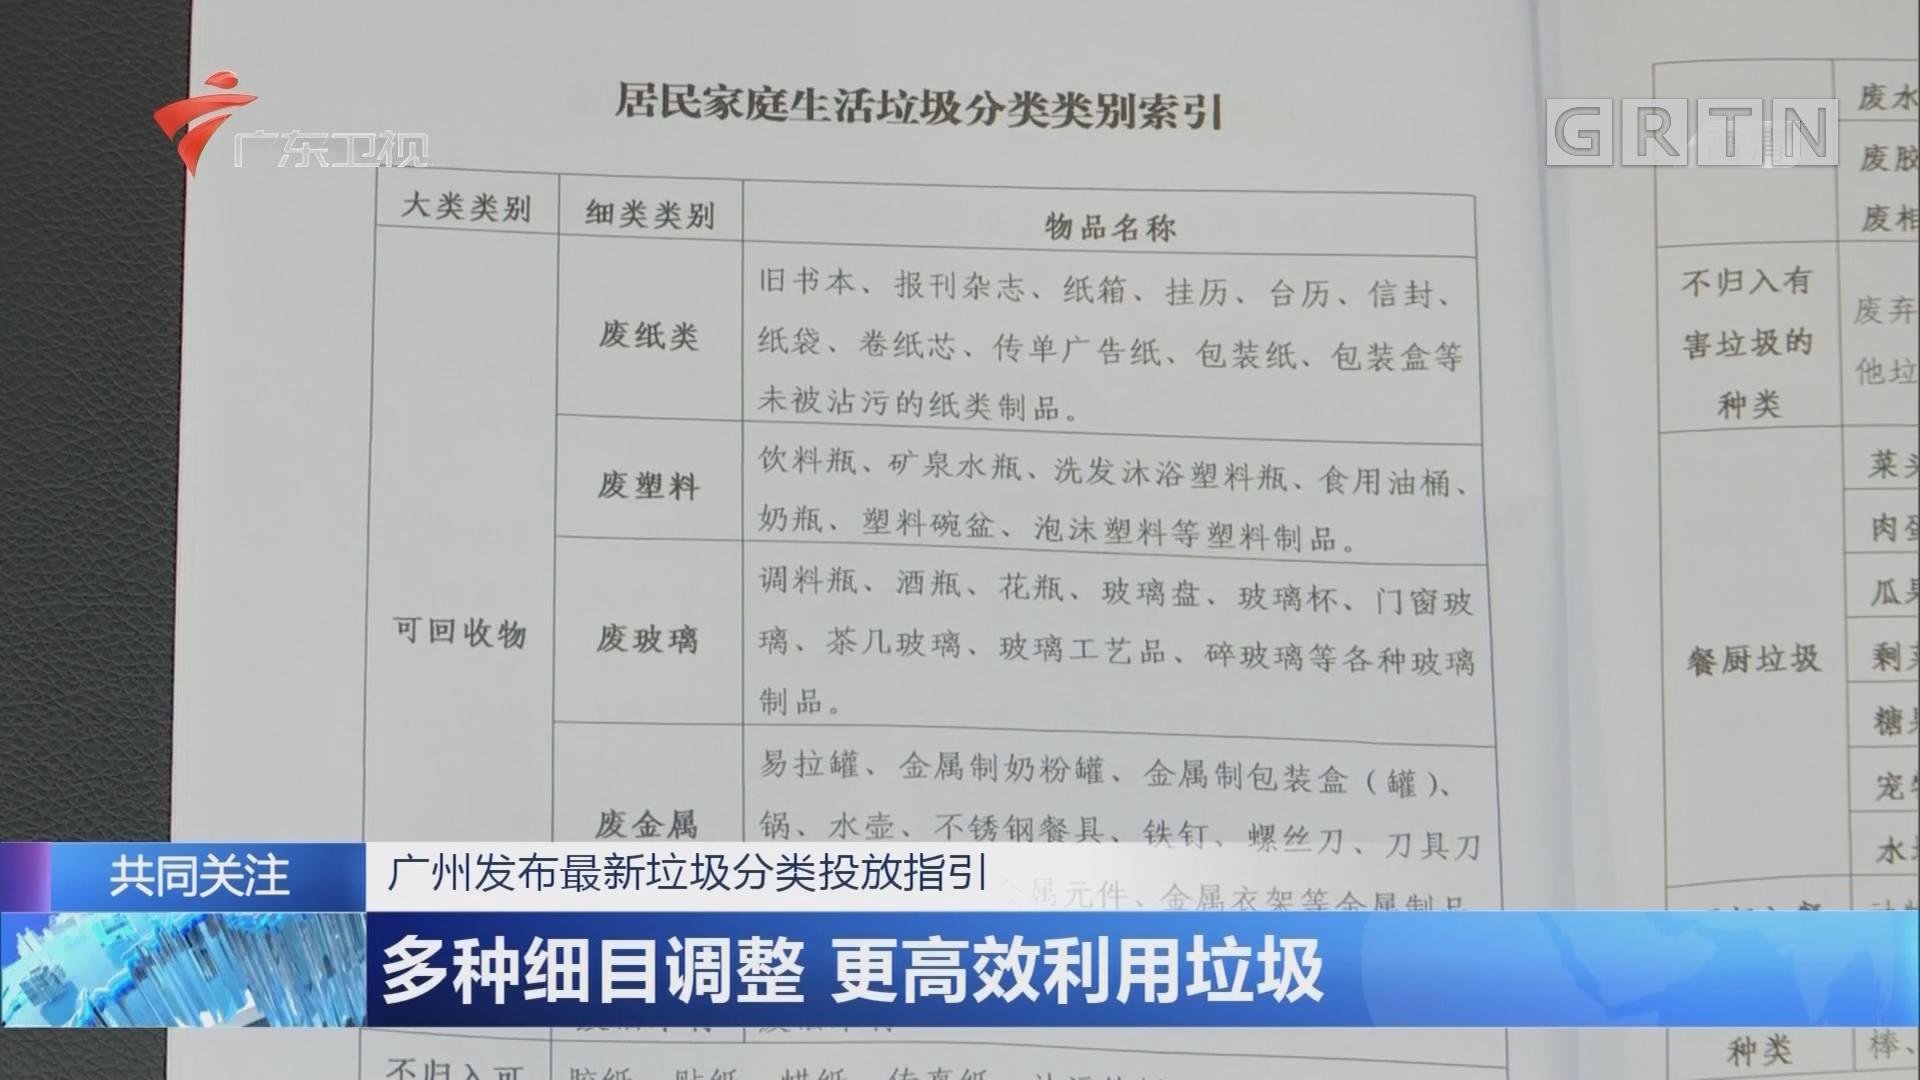 广州发布最新垃圾分类投放指引:多种细目调整 更高效利用垃圾